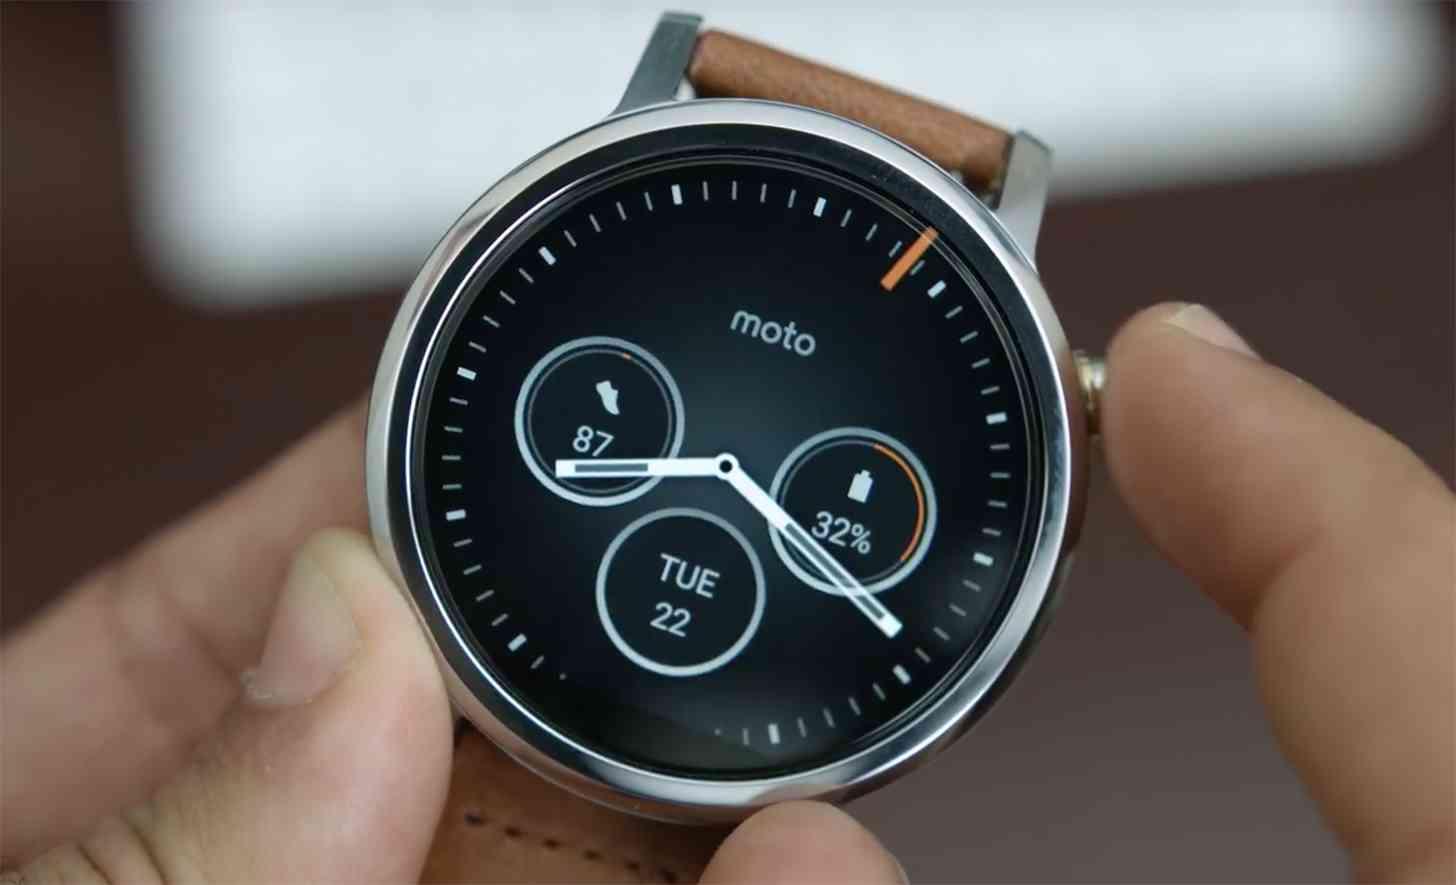 Moto 360 2nd Gen hands-on video